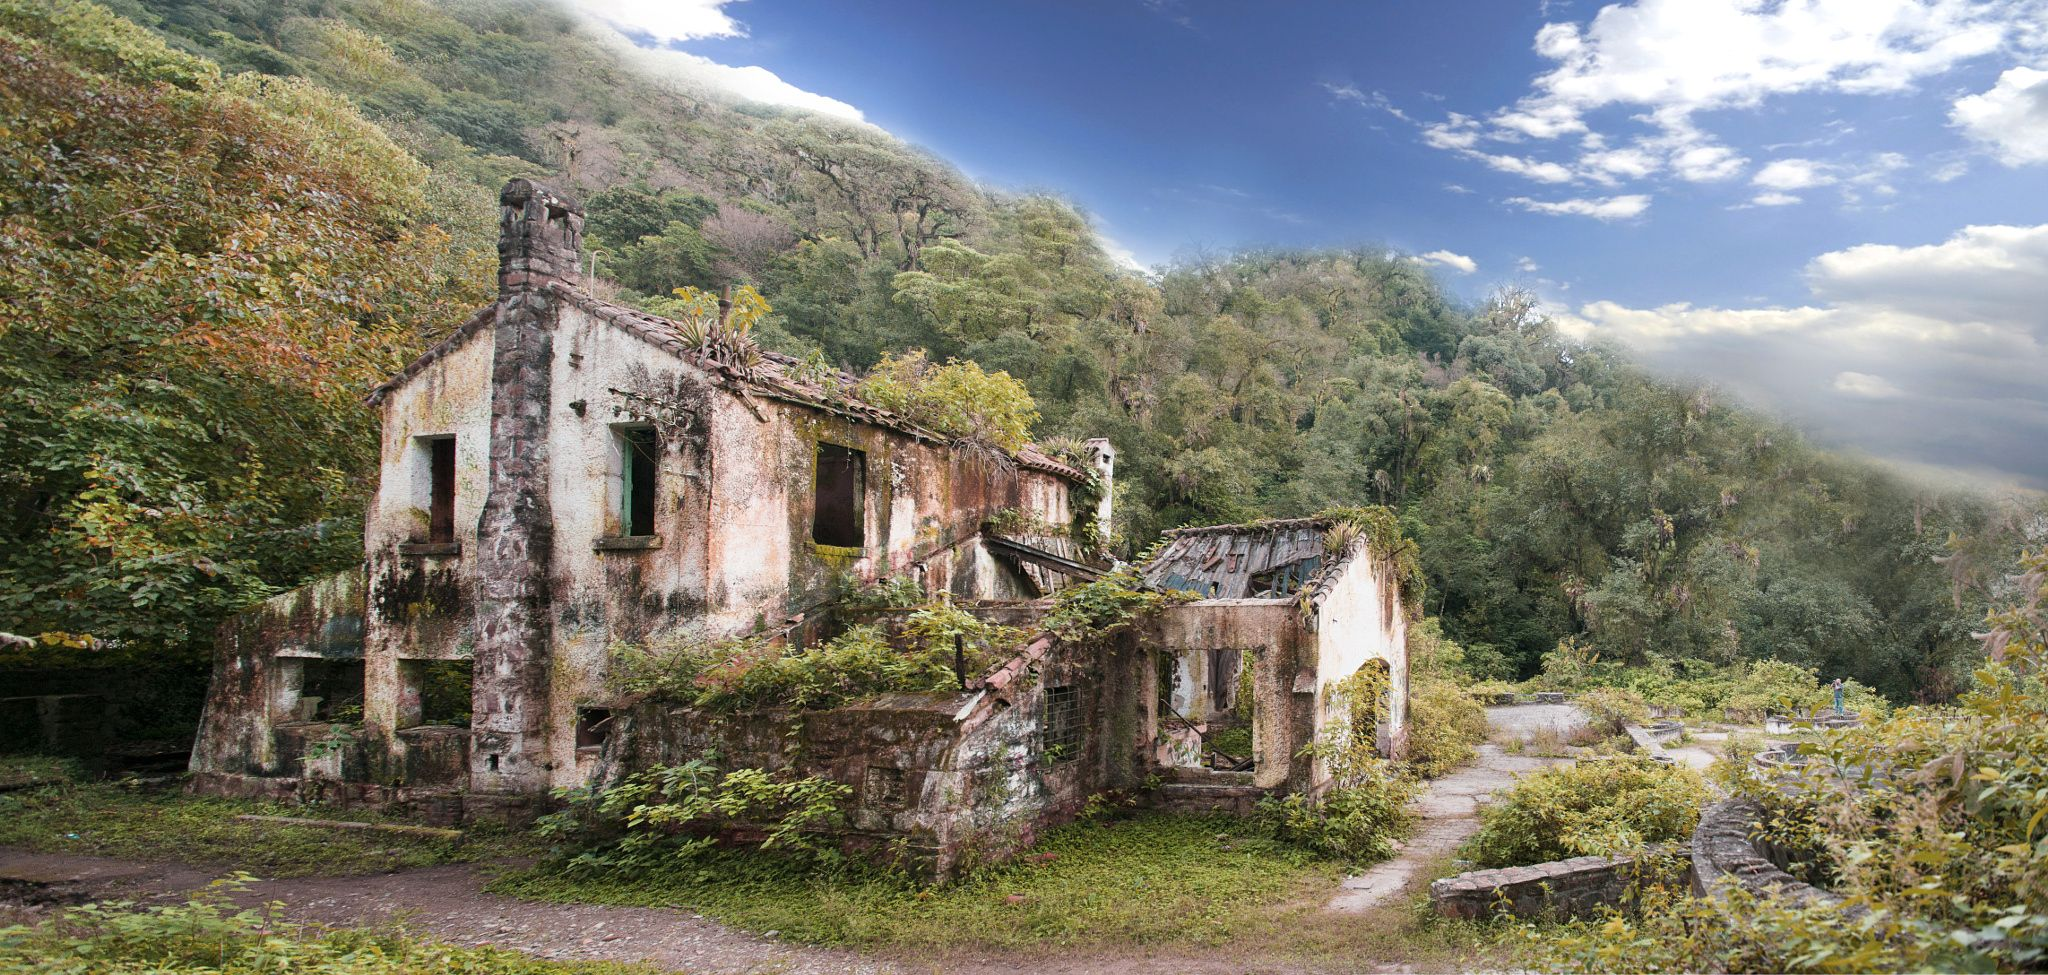 La leyenda del fantasma del Cerro Picacho